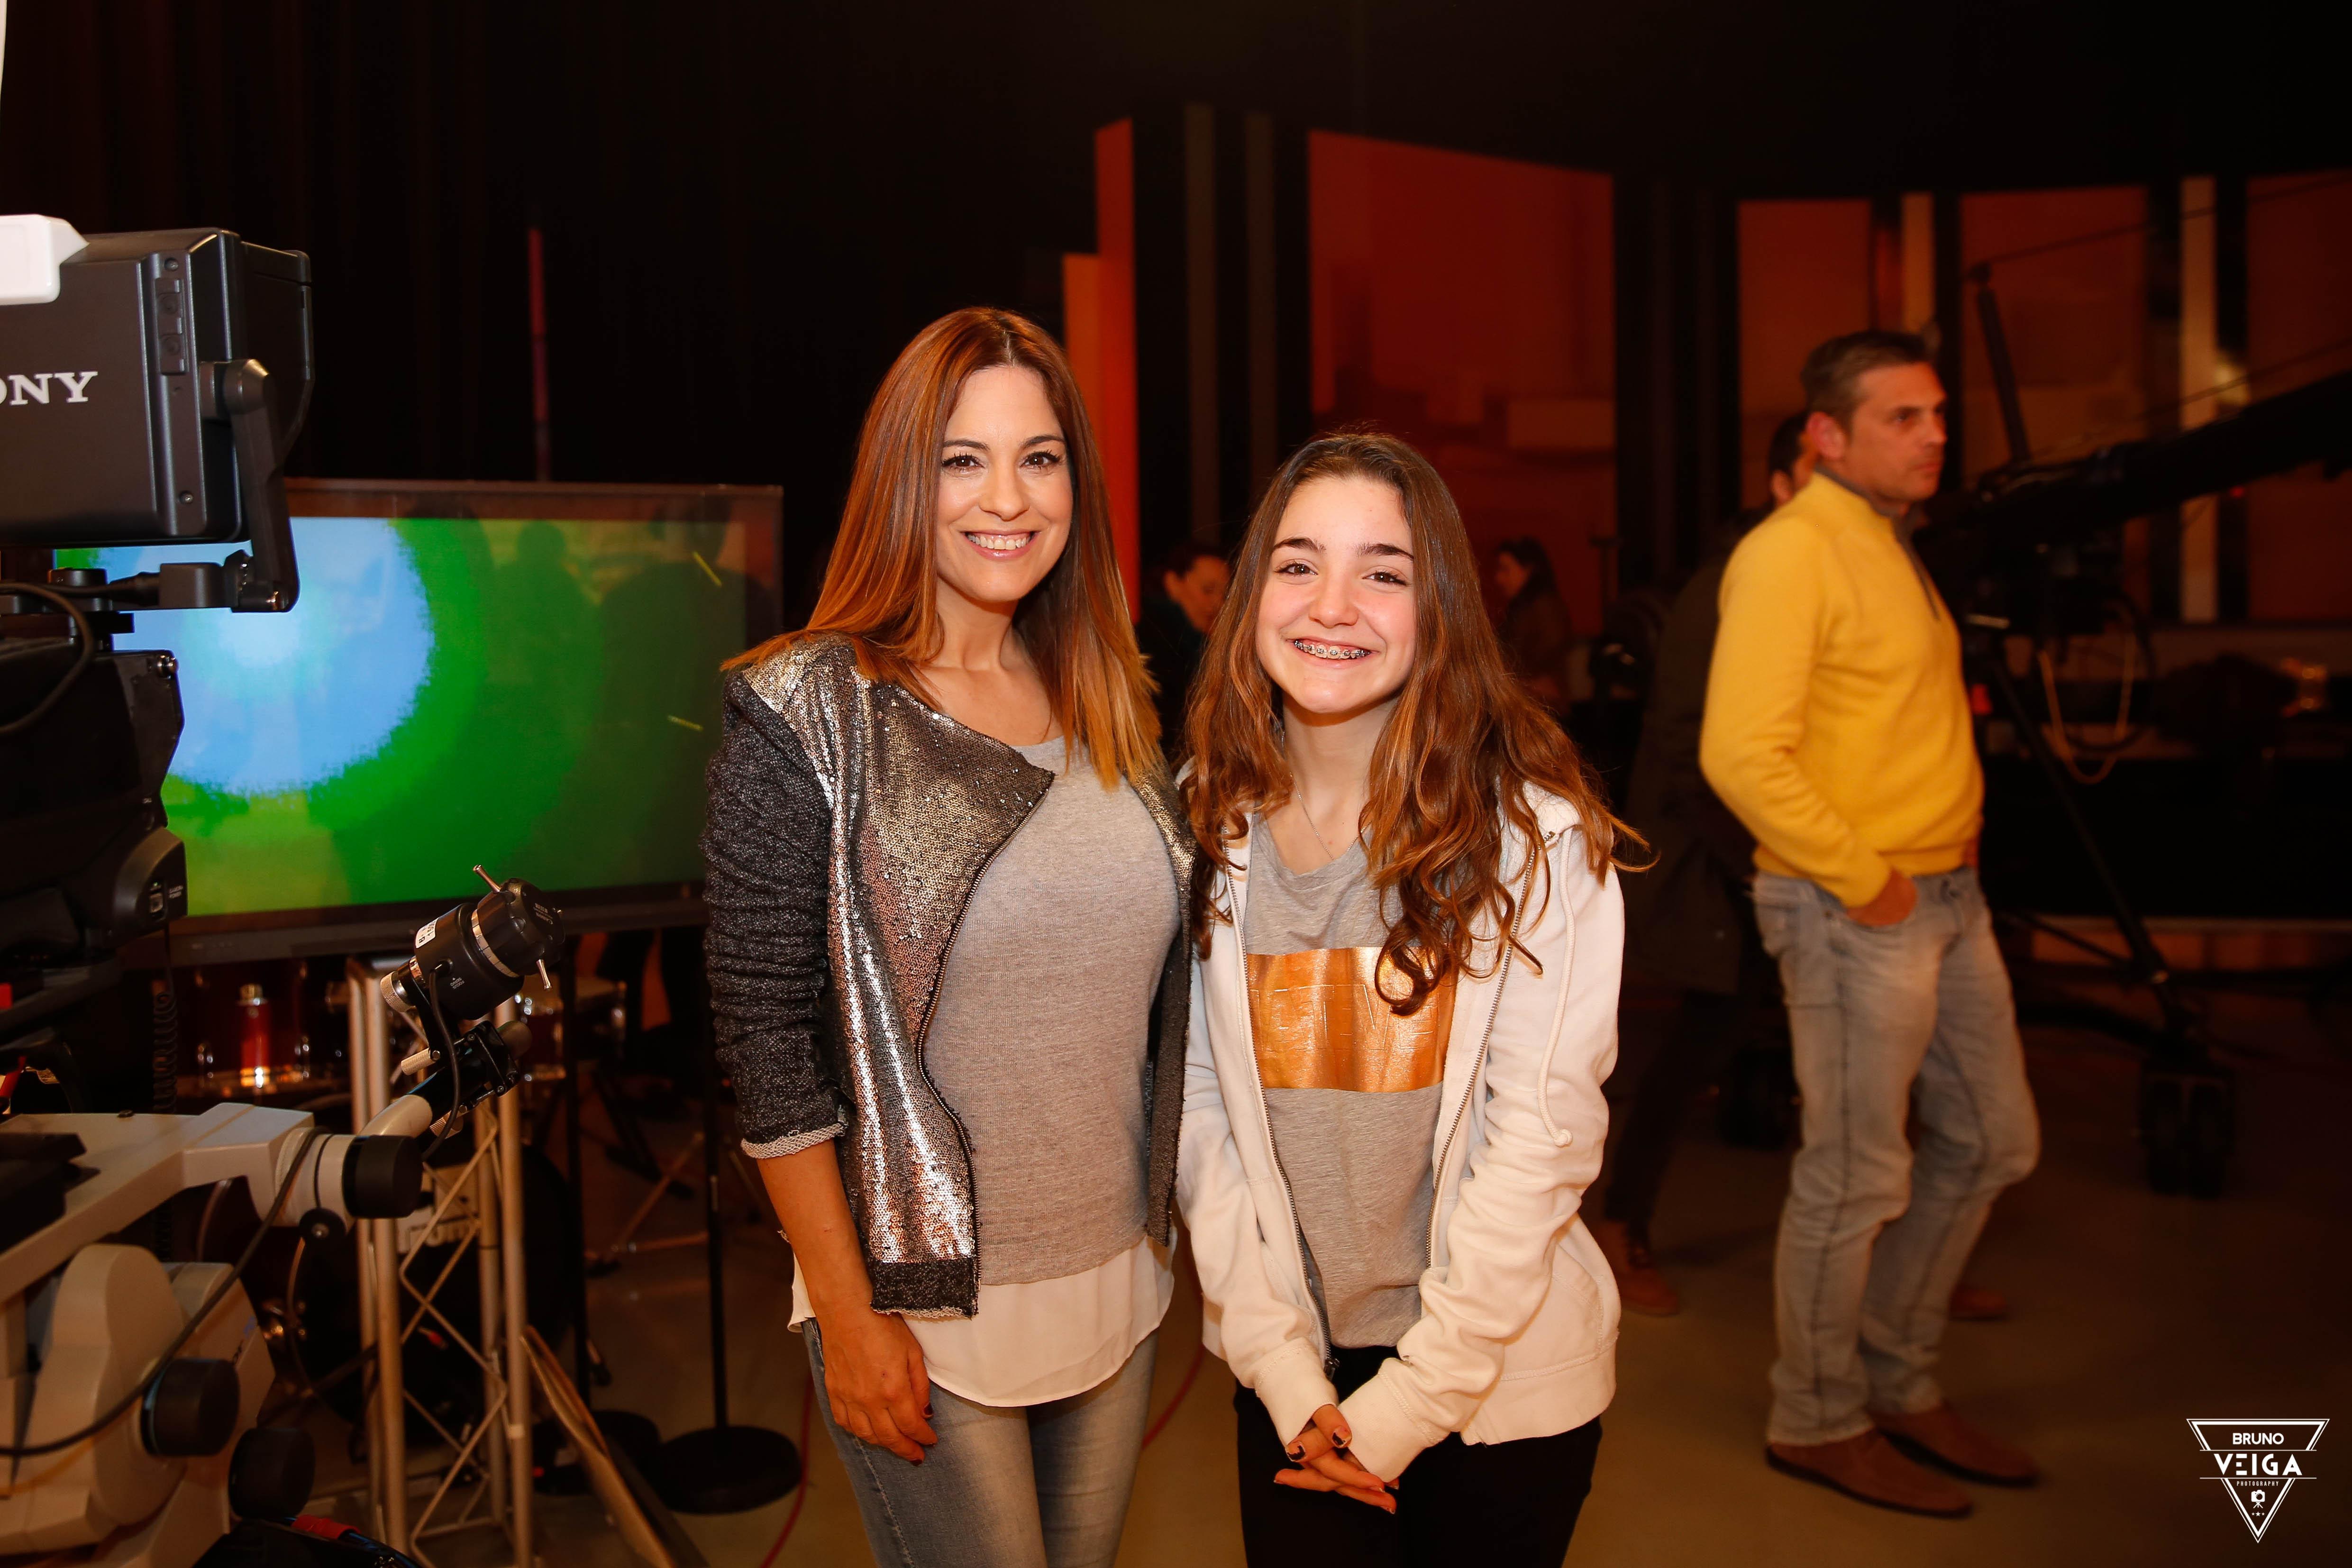 Teresa Guilherme nos bastidores da televisão - Cristina Areia